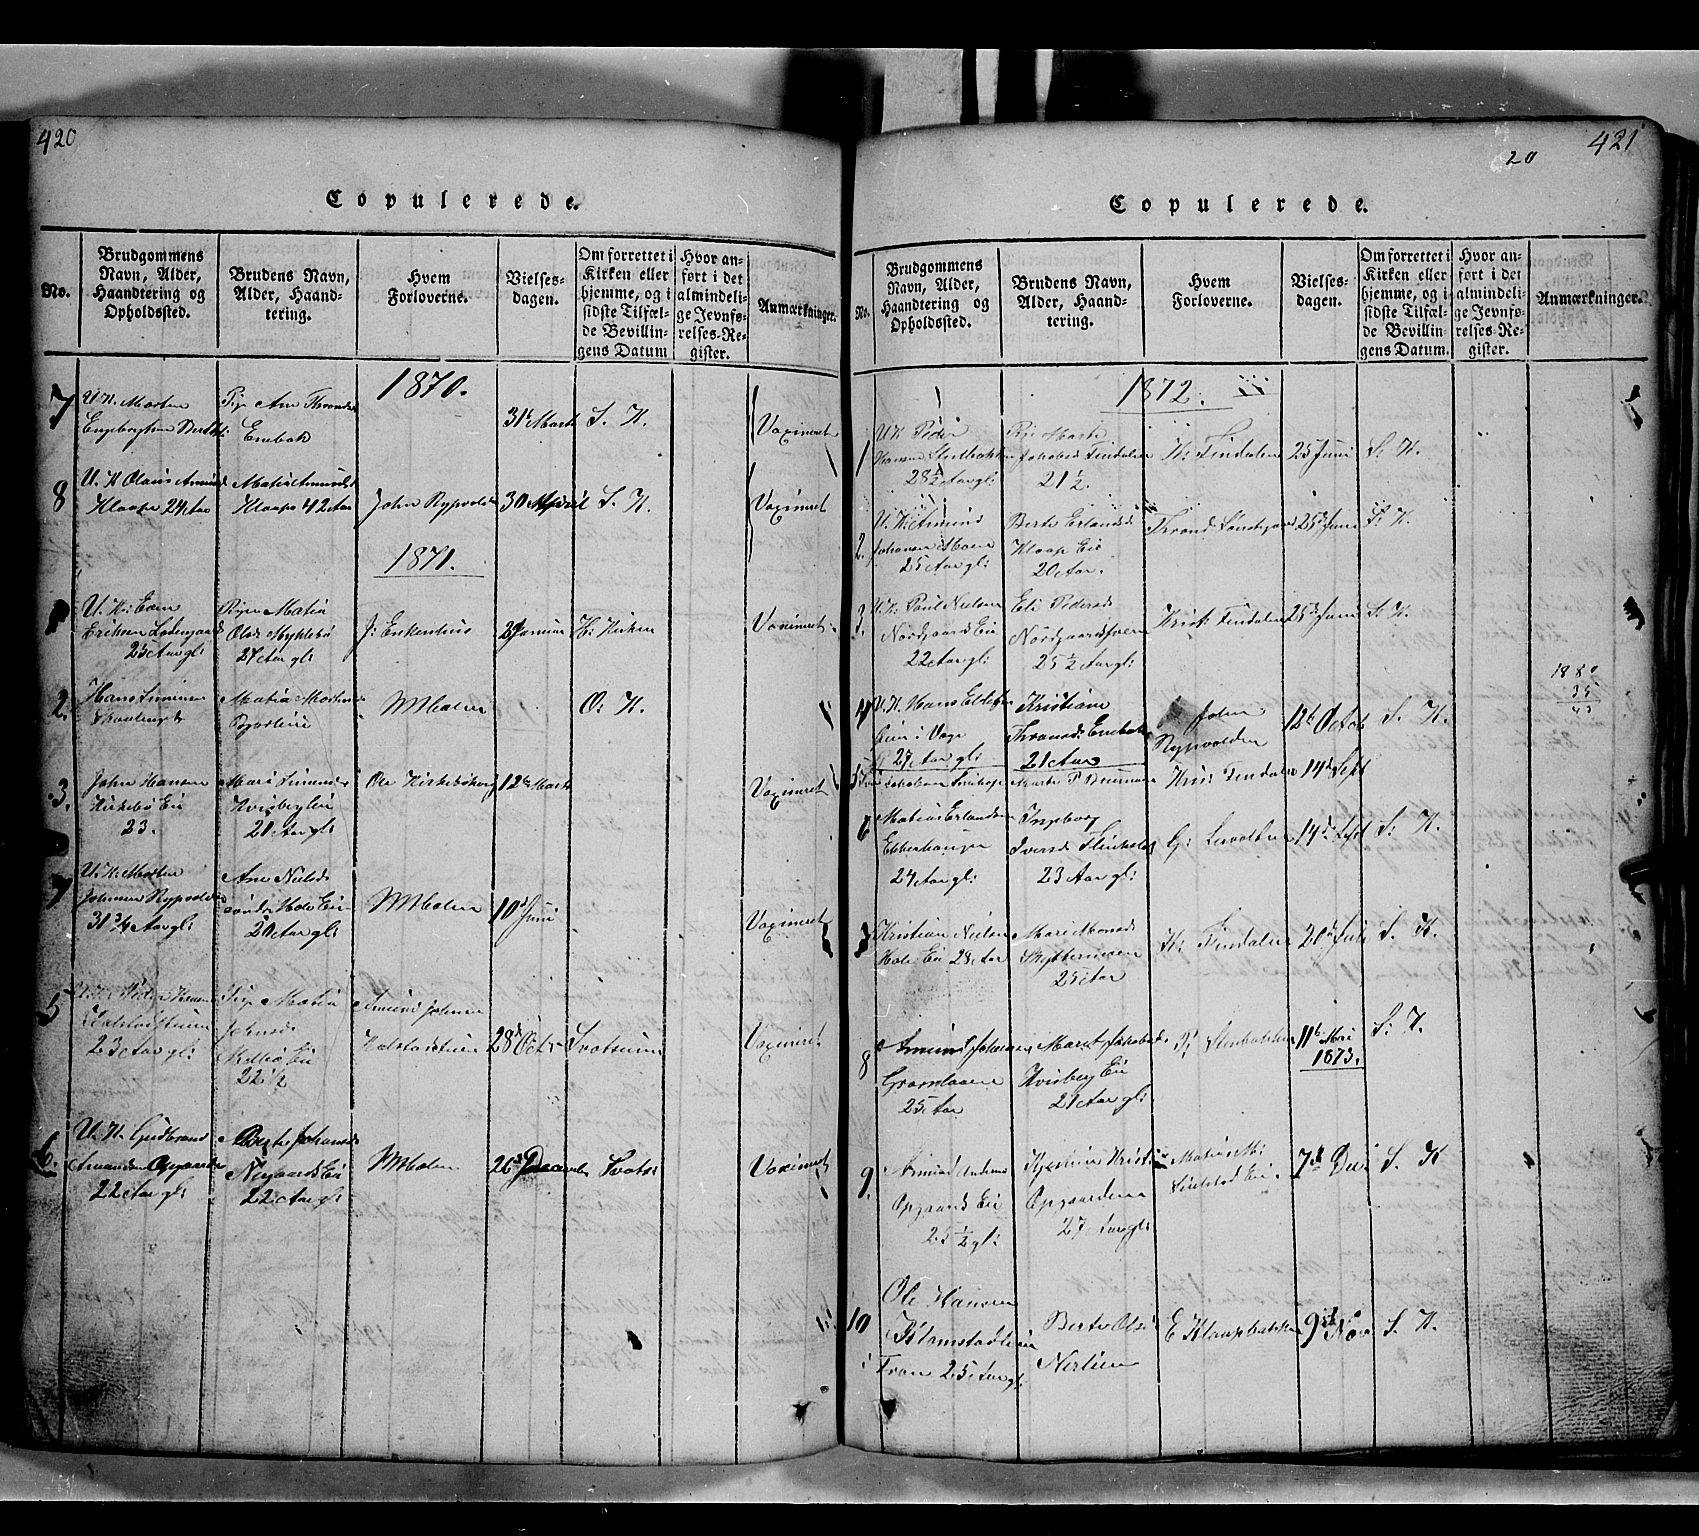 SAH, Gausdal prestekontor, Klokkerbok nr. 2, 1818-1874, s. 420-421